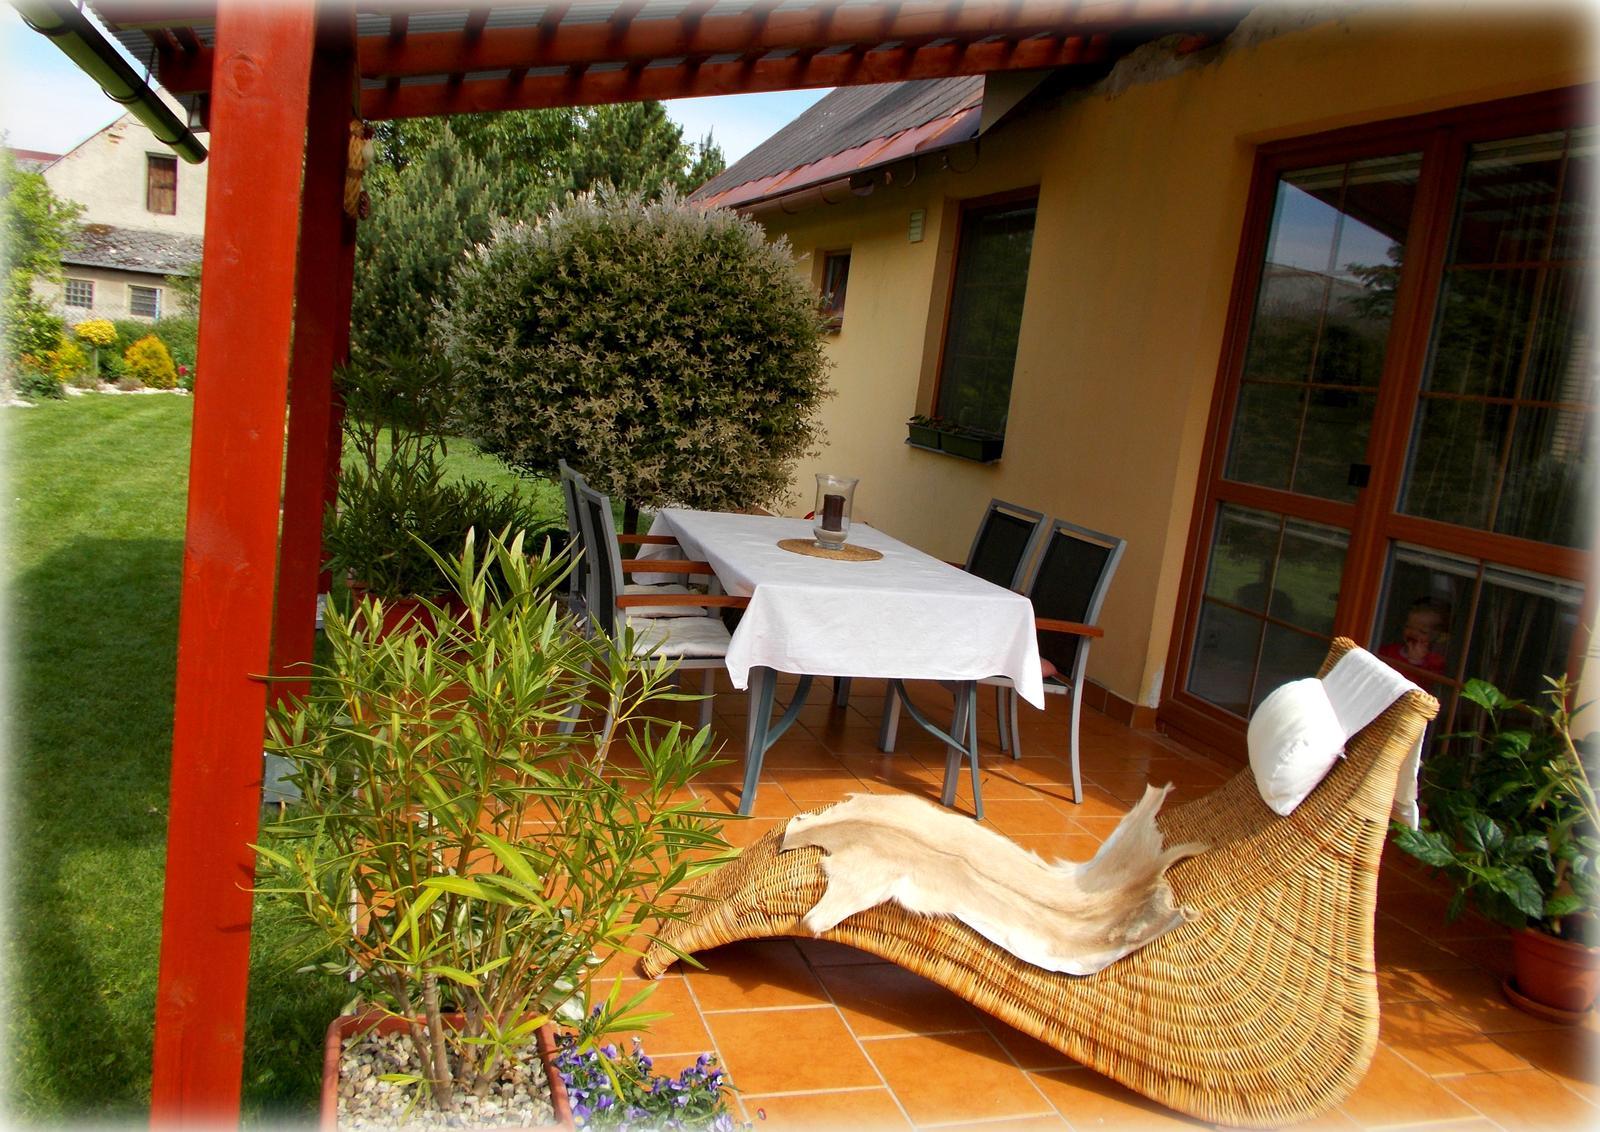 Pergola aneb velké přání,málo peněz :-) a nová střecha- za stejných podmínek :-) - konečně mám využití pro lenošku :-)